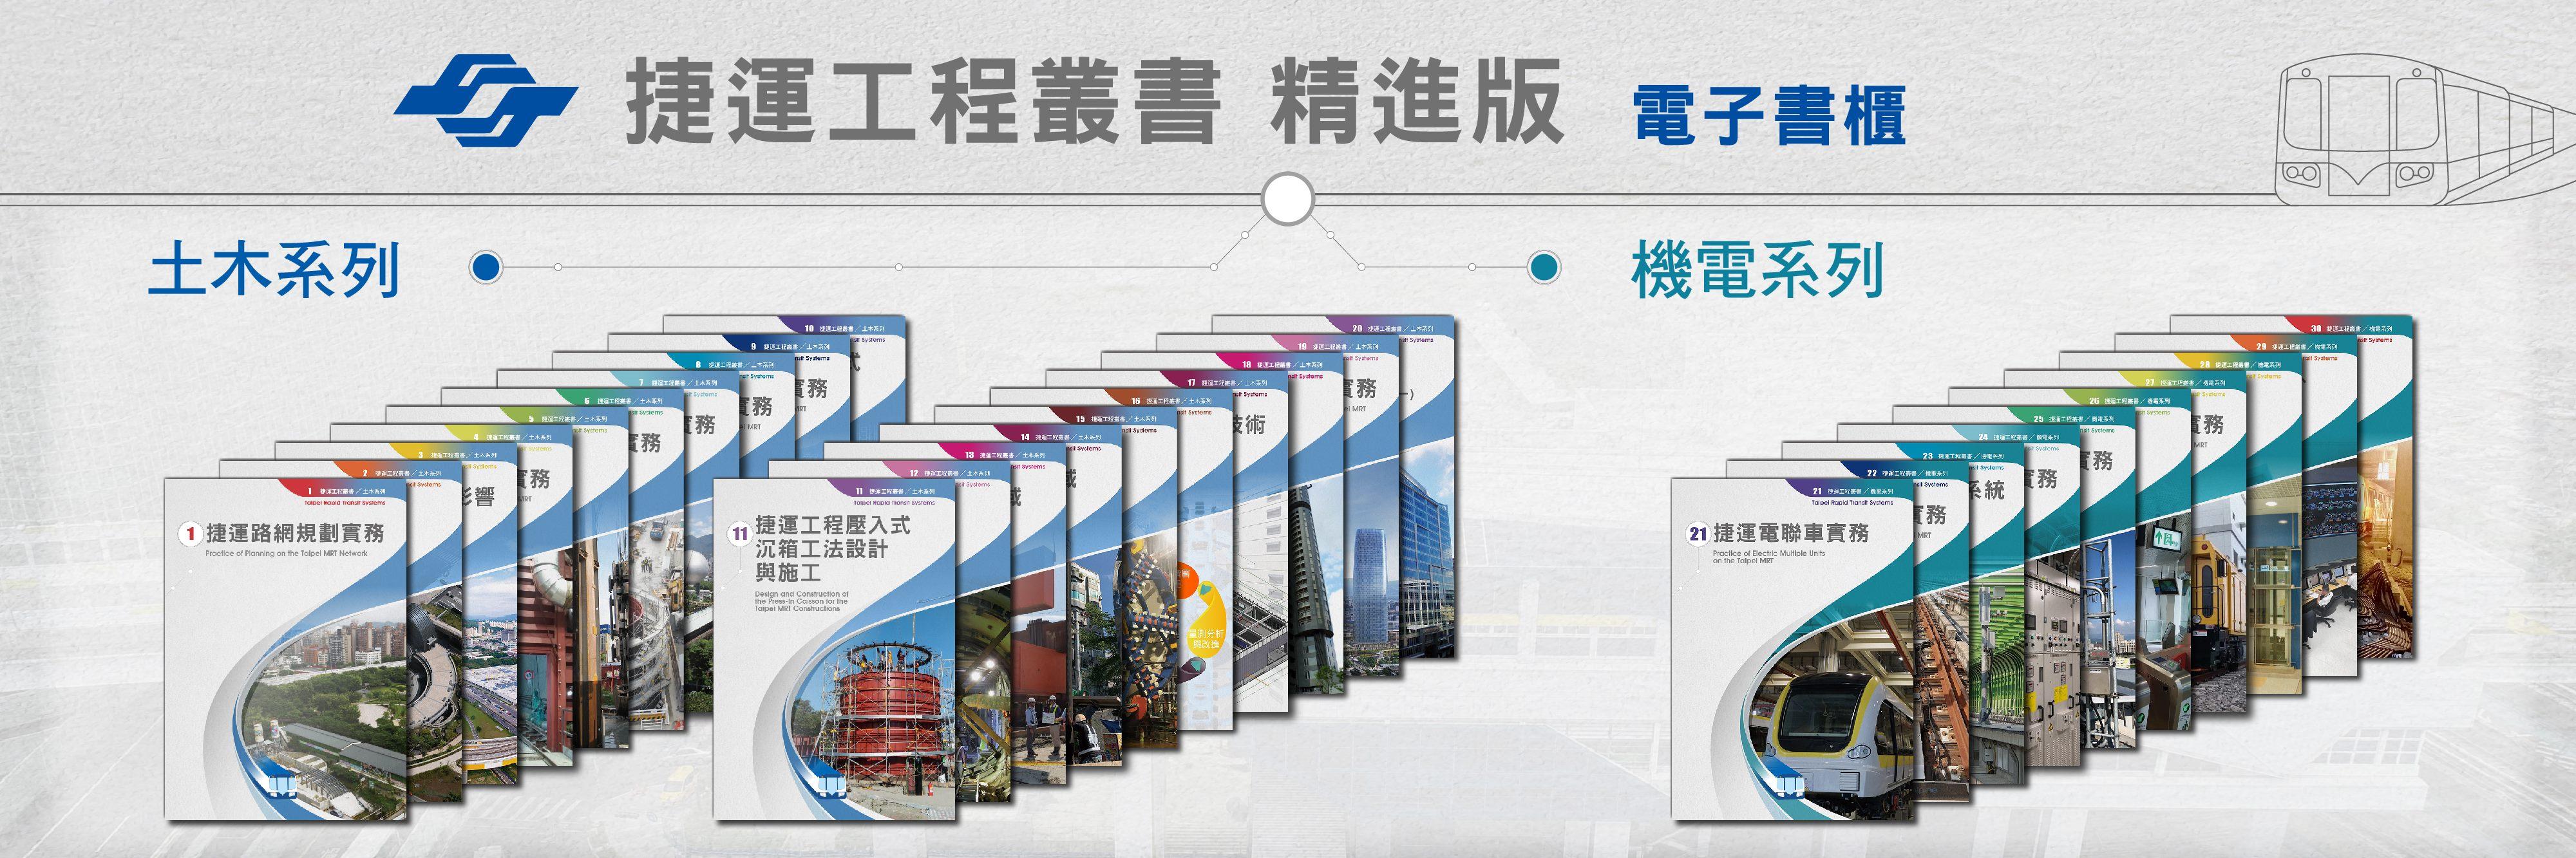 捷運工程叢書精進版(電子書櫃)